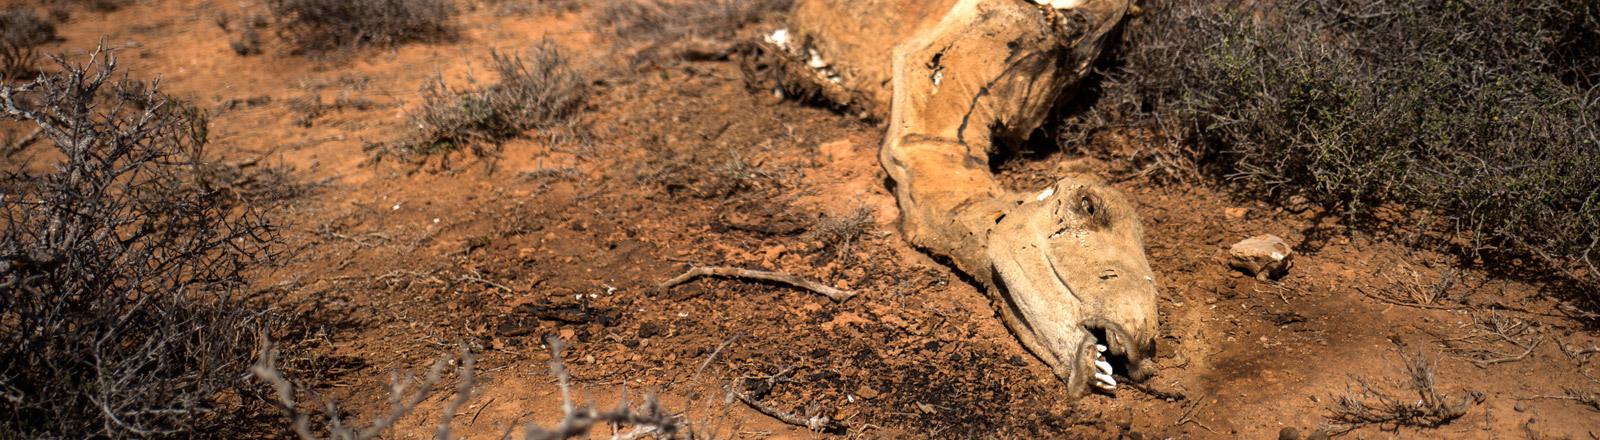 Ein verendetes Kamel